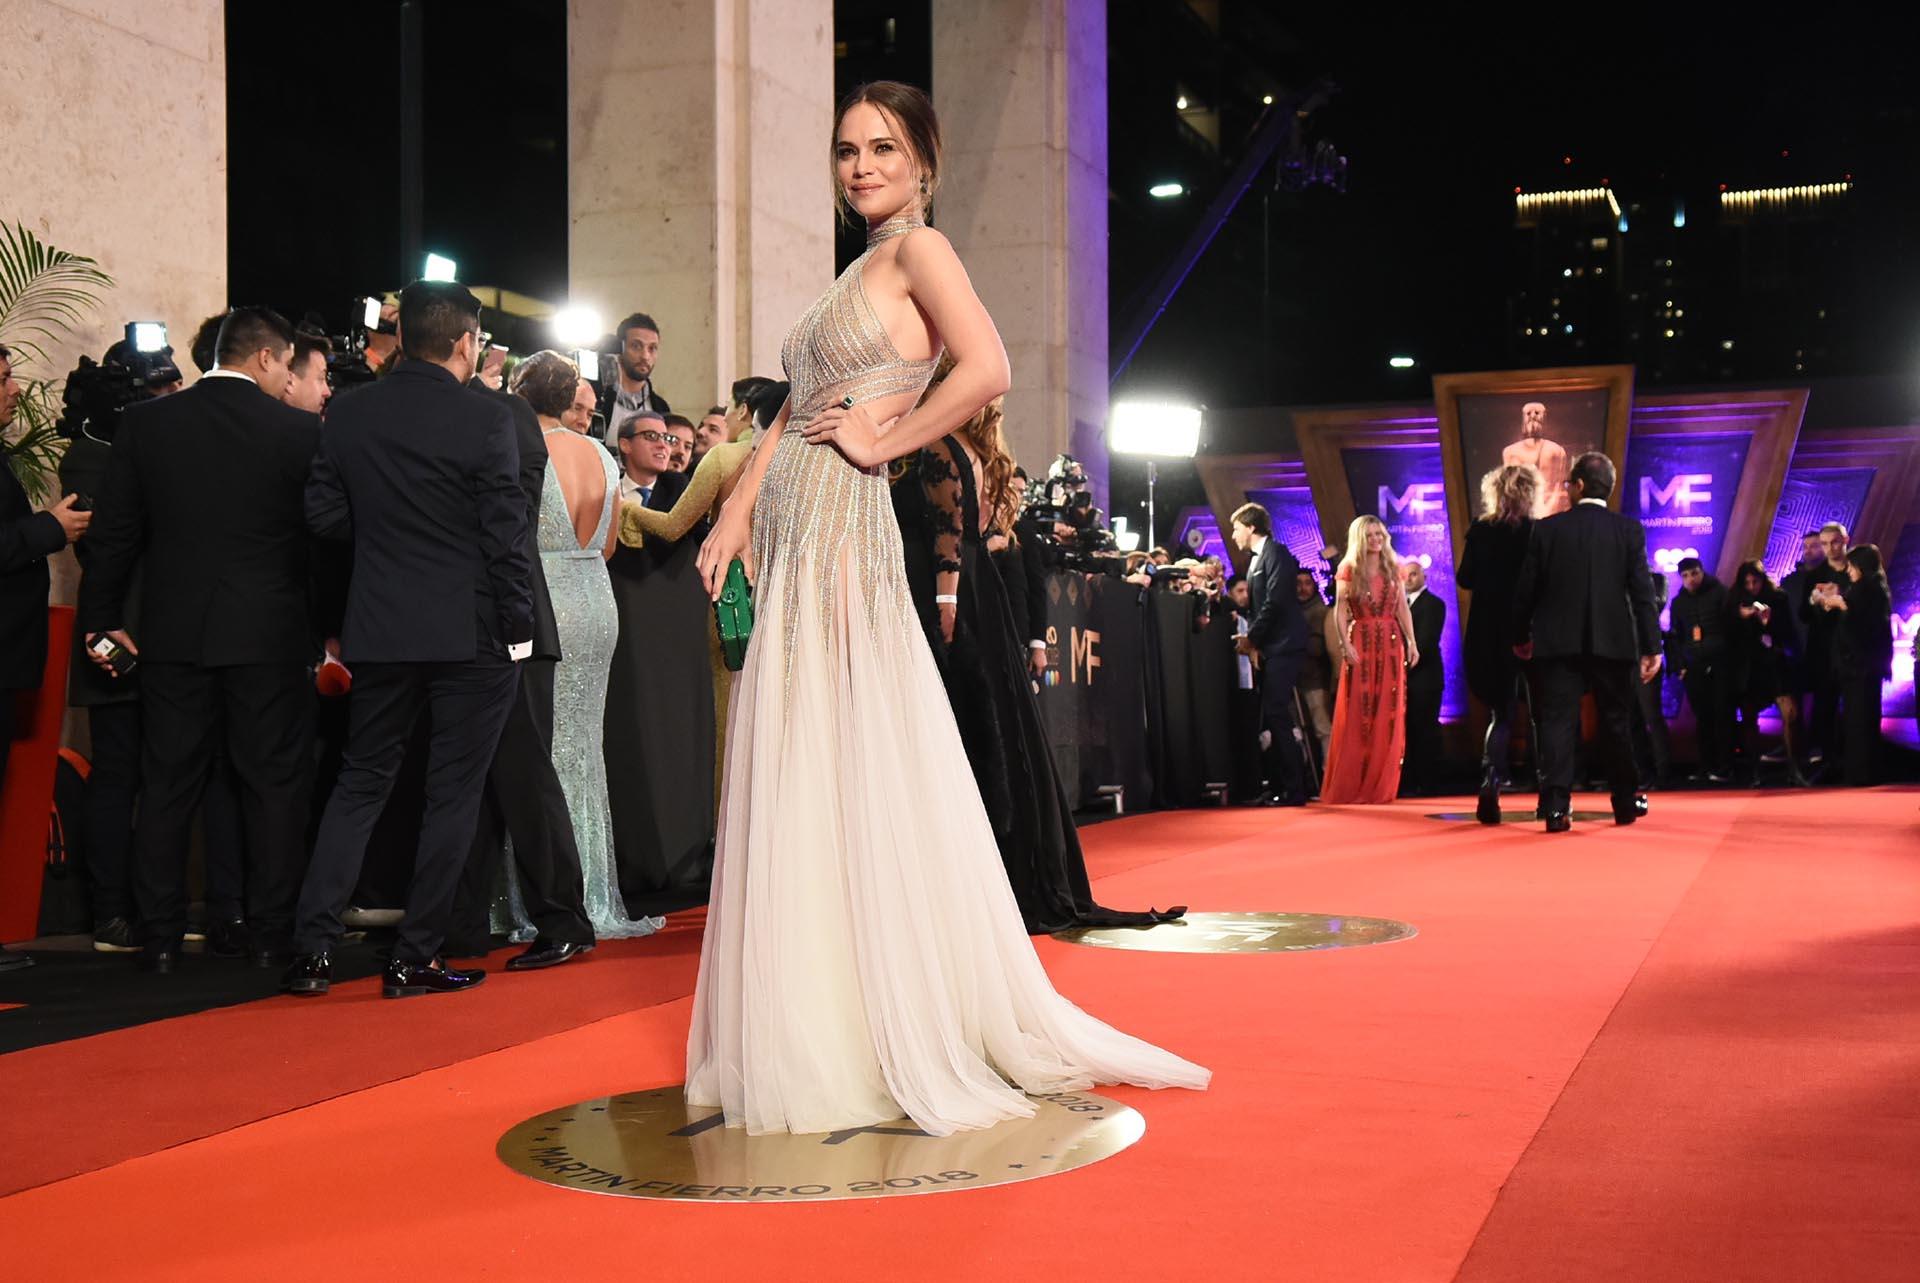 Luz Cipriota con diseño de Santocostura con cuello halter y cortes asimétricos de cristales y falda de tul. Lo acompañó con clutch verde, cumpliendo con el mensaje a favor del aborto legal